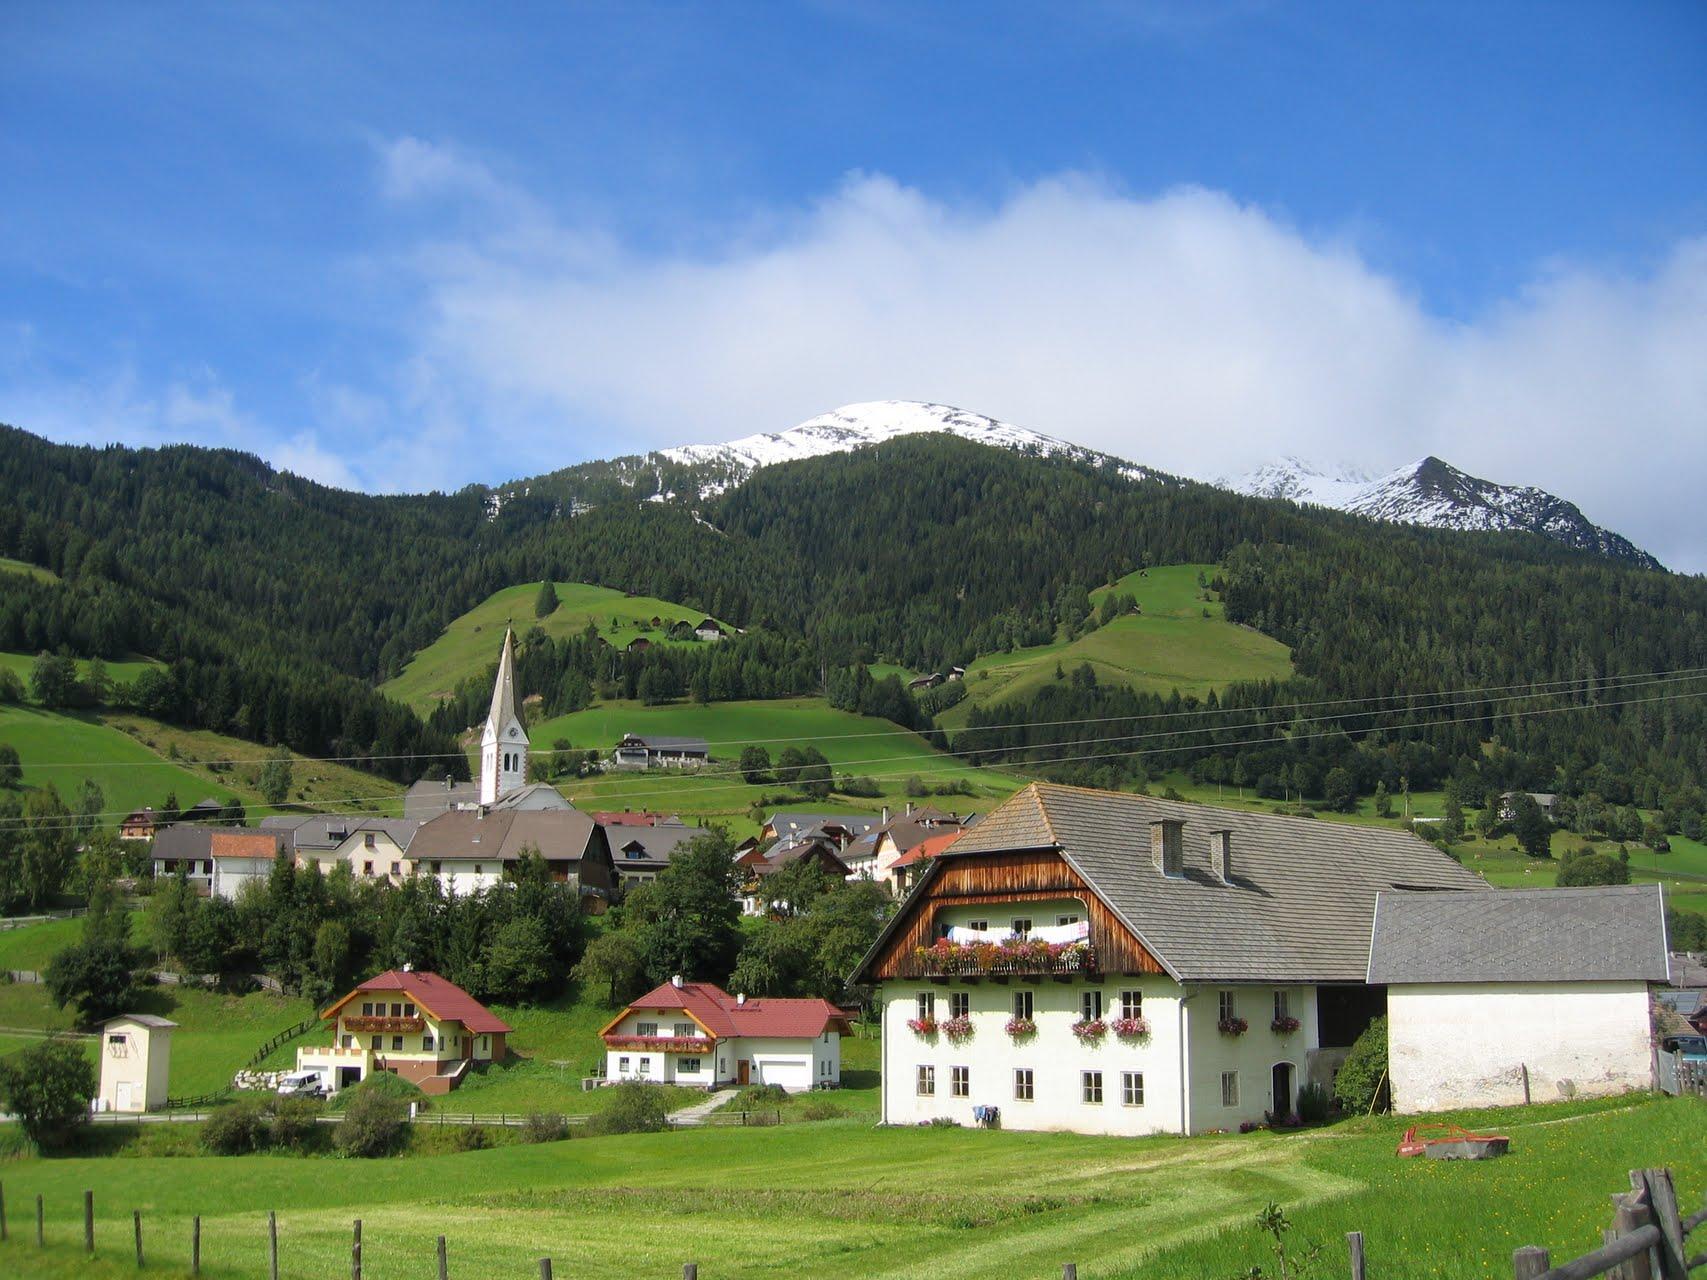 Oostenrijk - Lungau